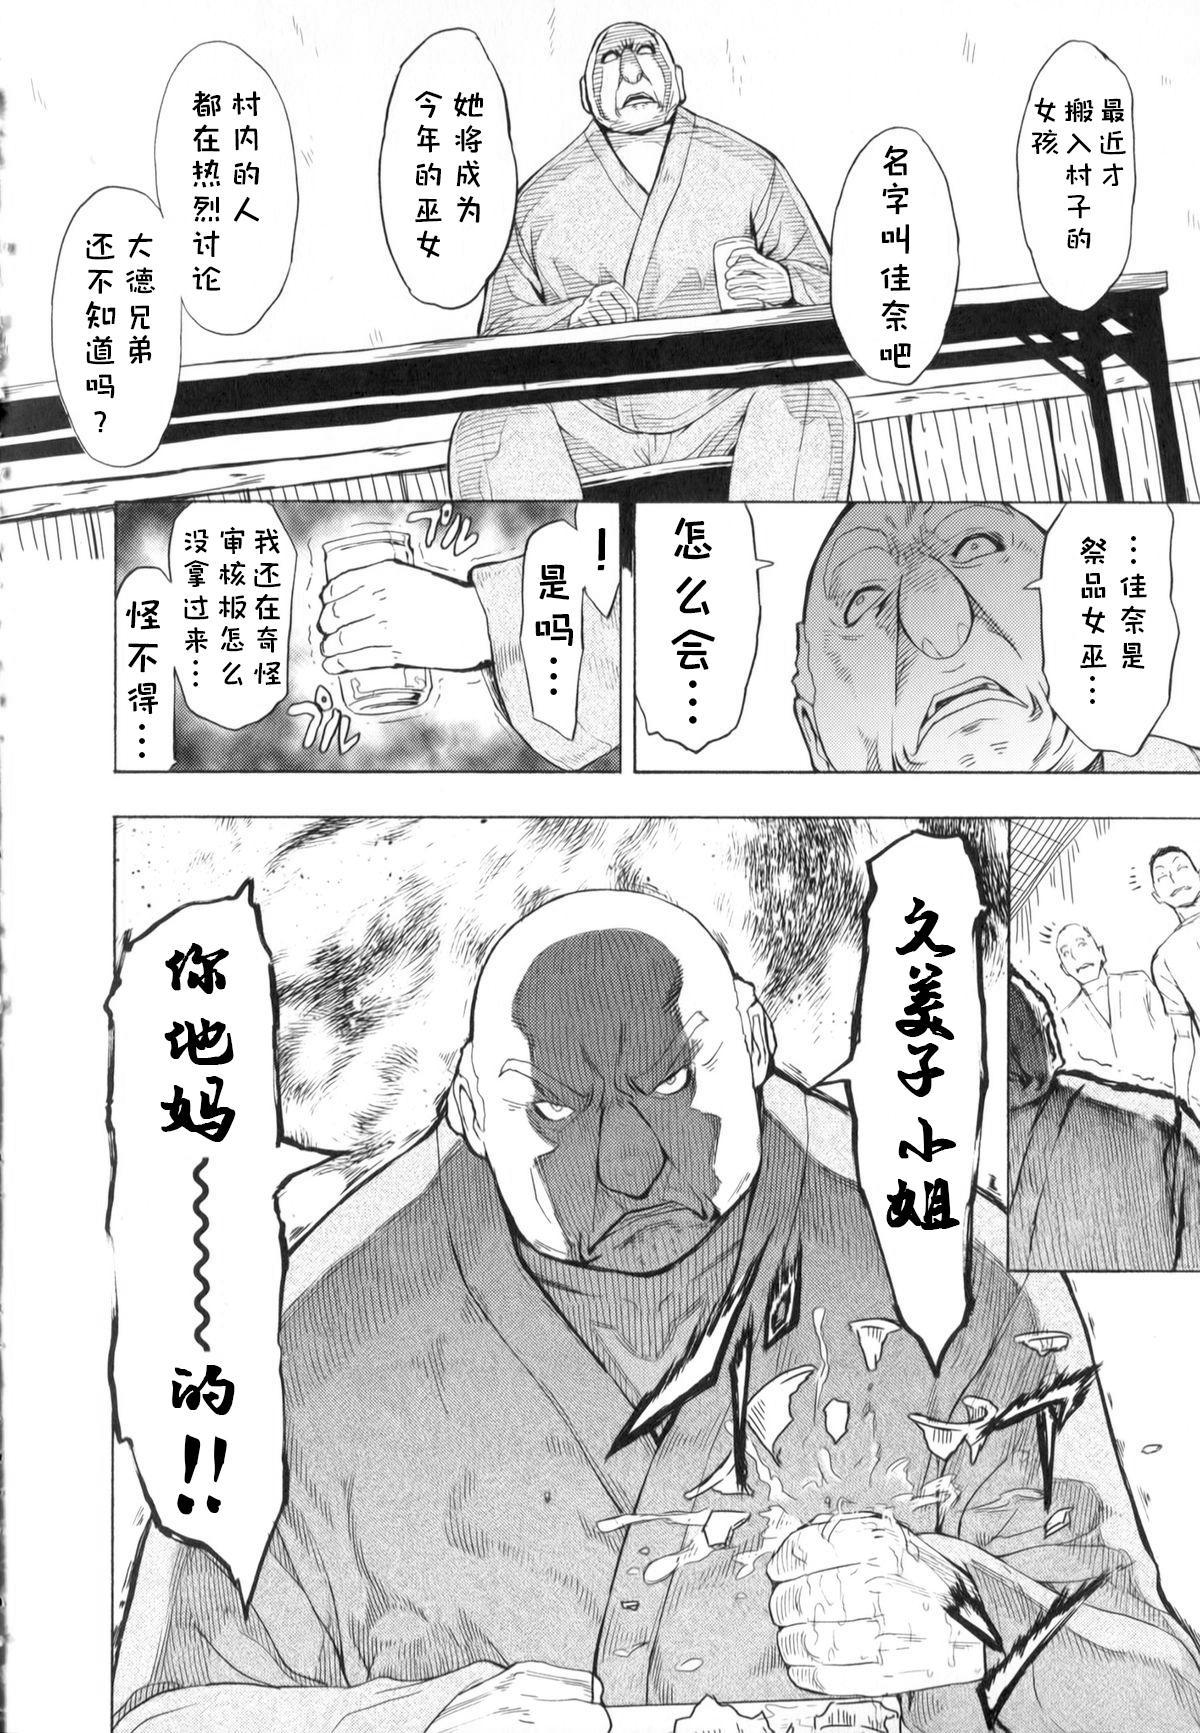 Kedamono no Ie 97